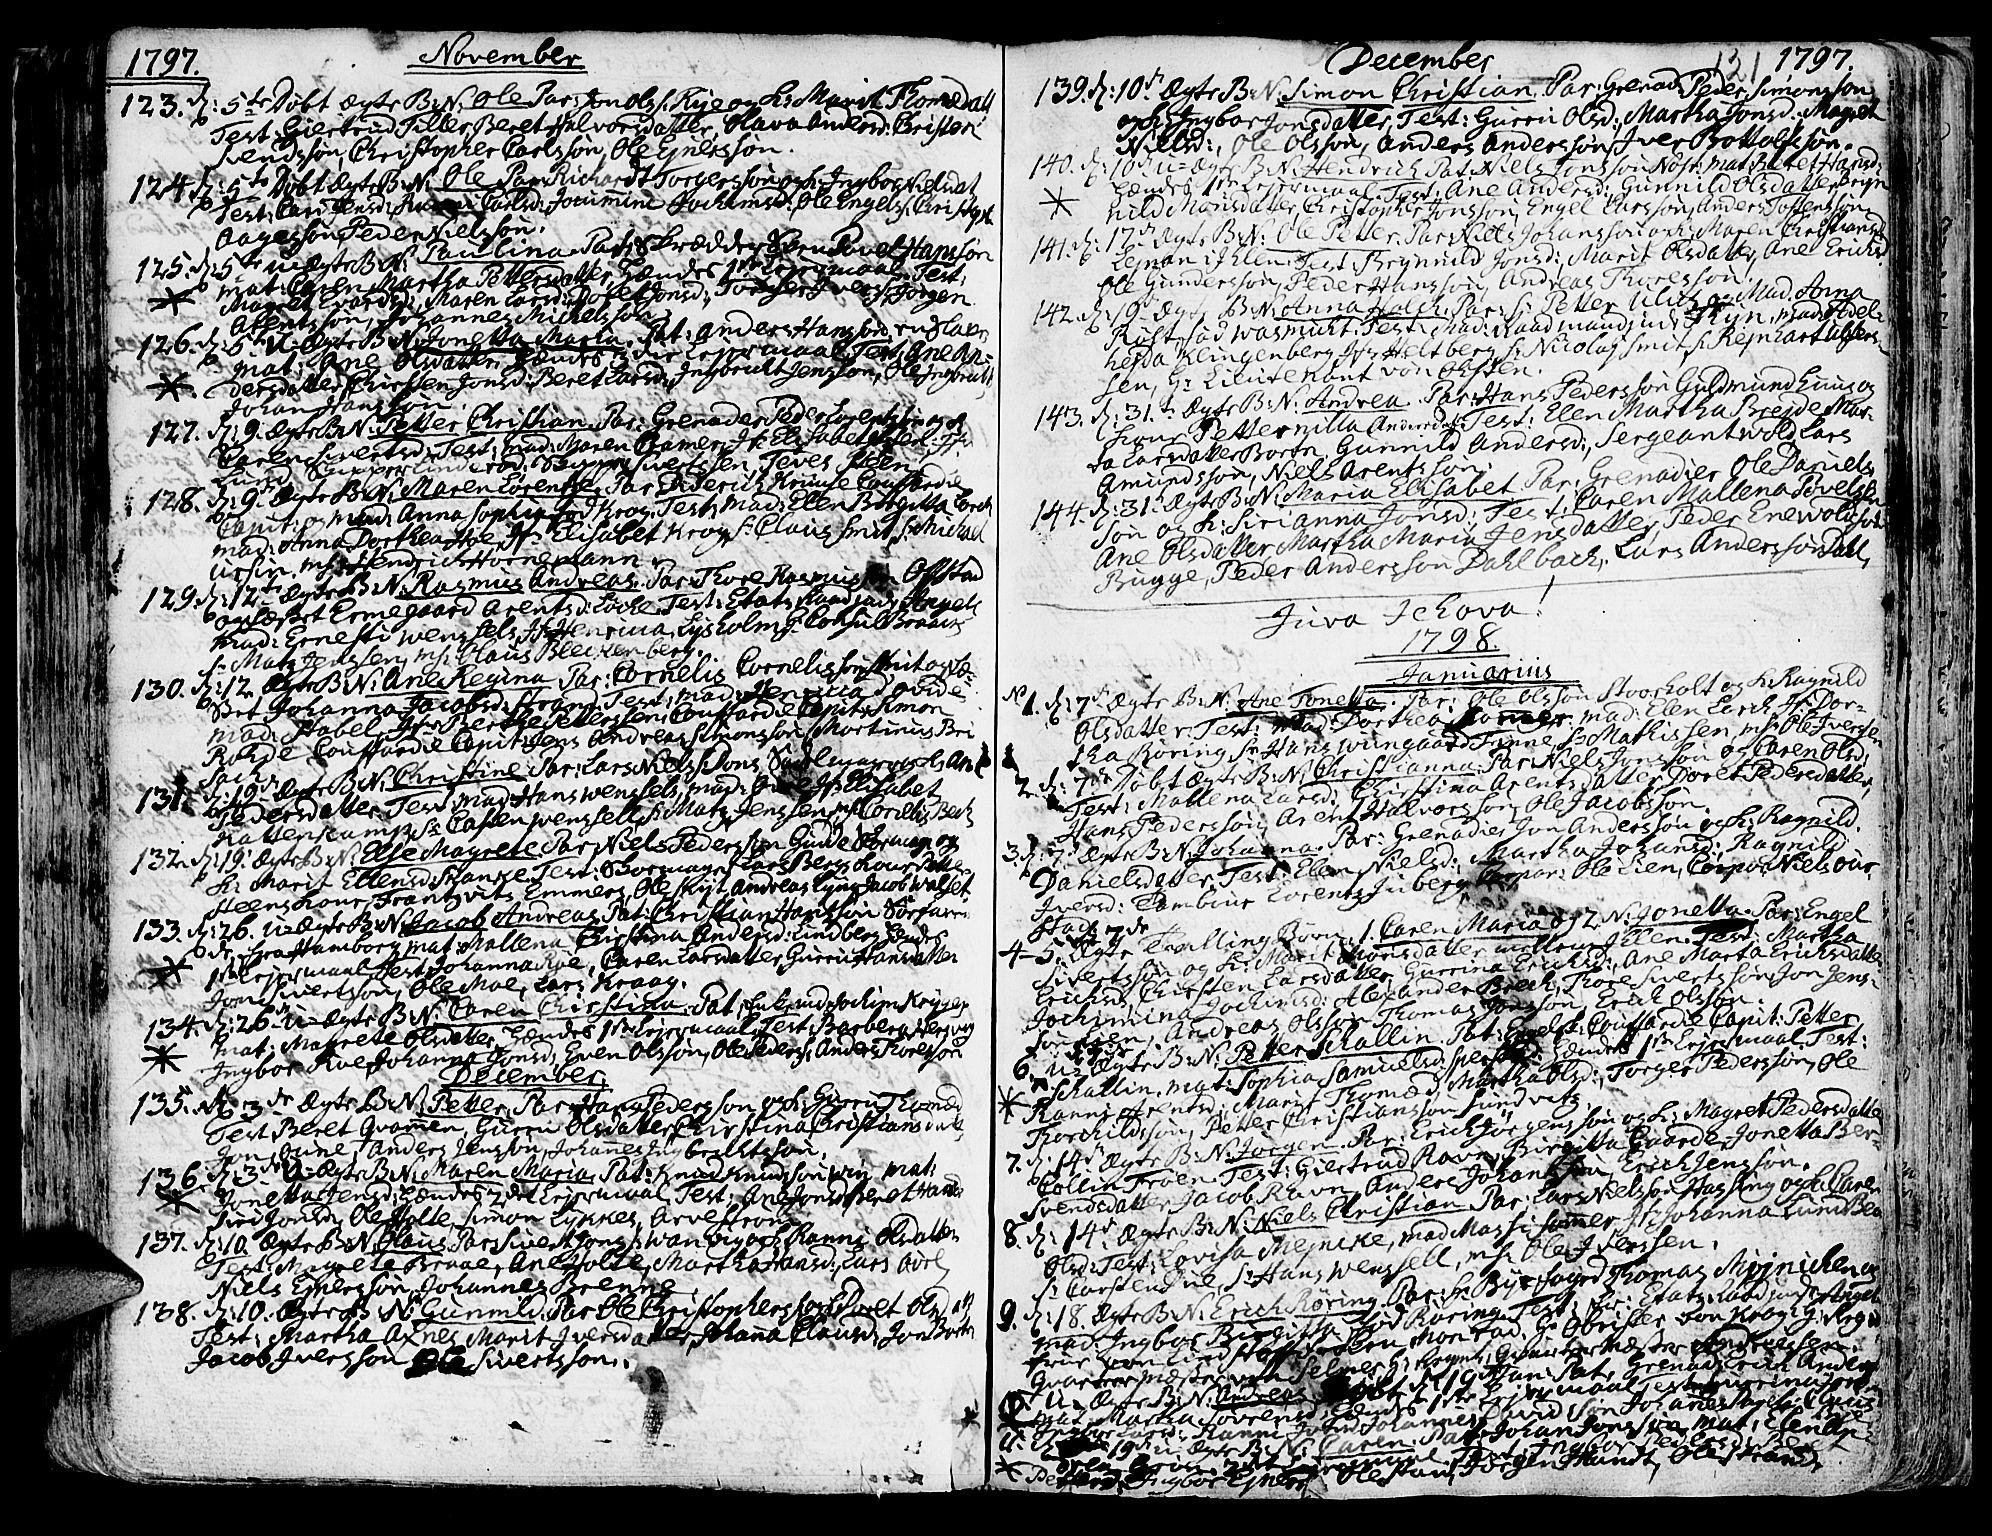 SAT, Ministerialprotokoller, klokkerbøker og fødselsregistre - Sør-Trøndelag, 601/L0039: Ministerialbok nr. 601A07, 1770-1819, s. 121